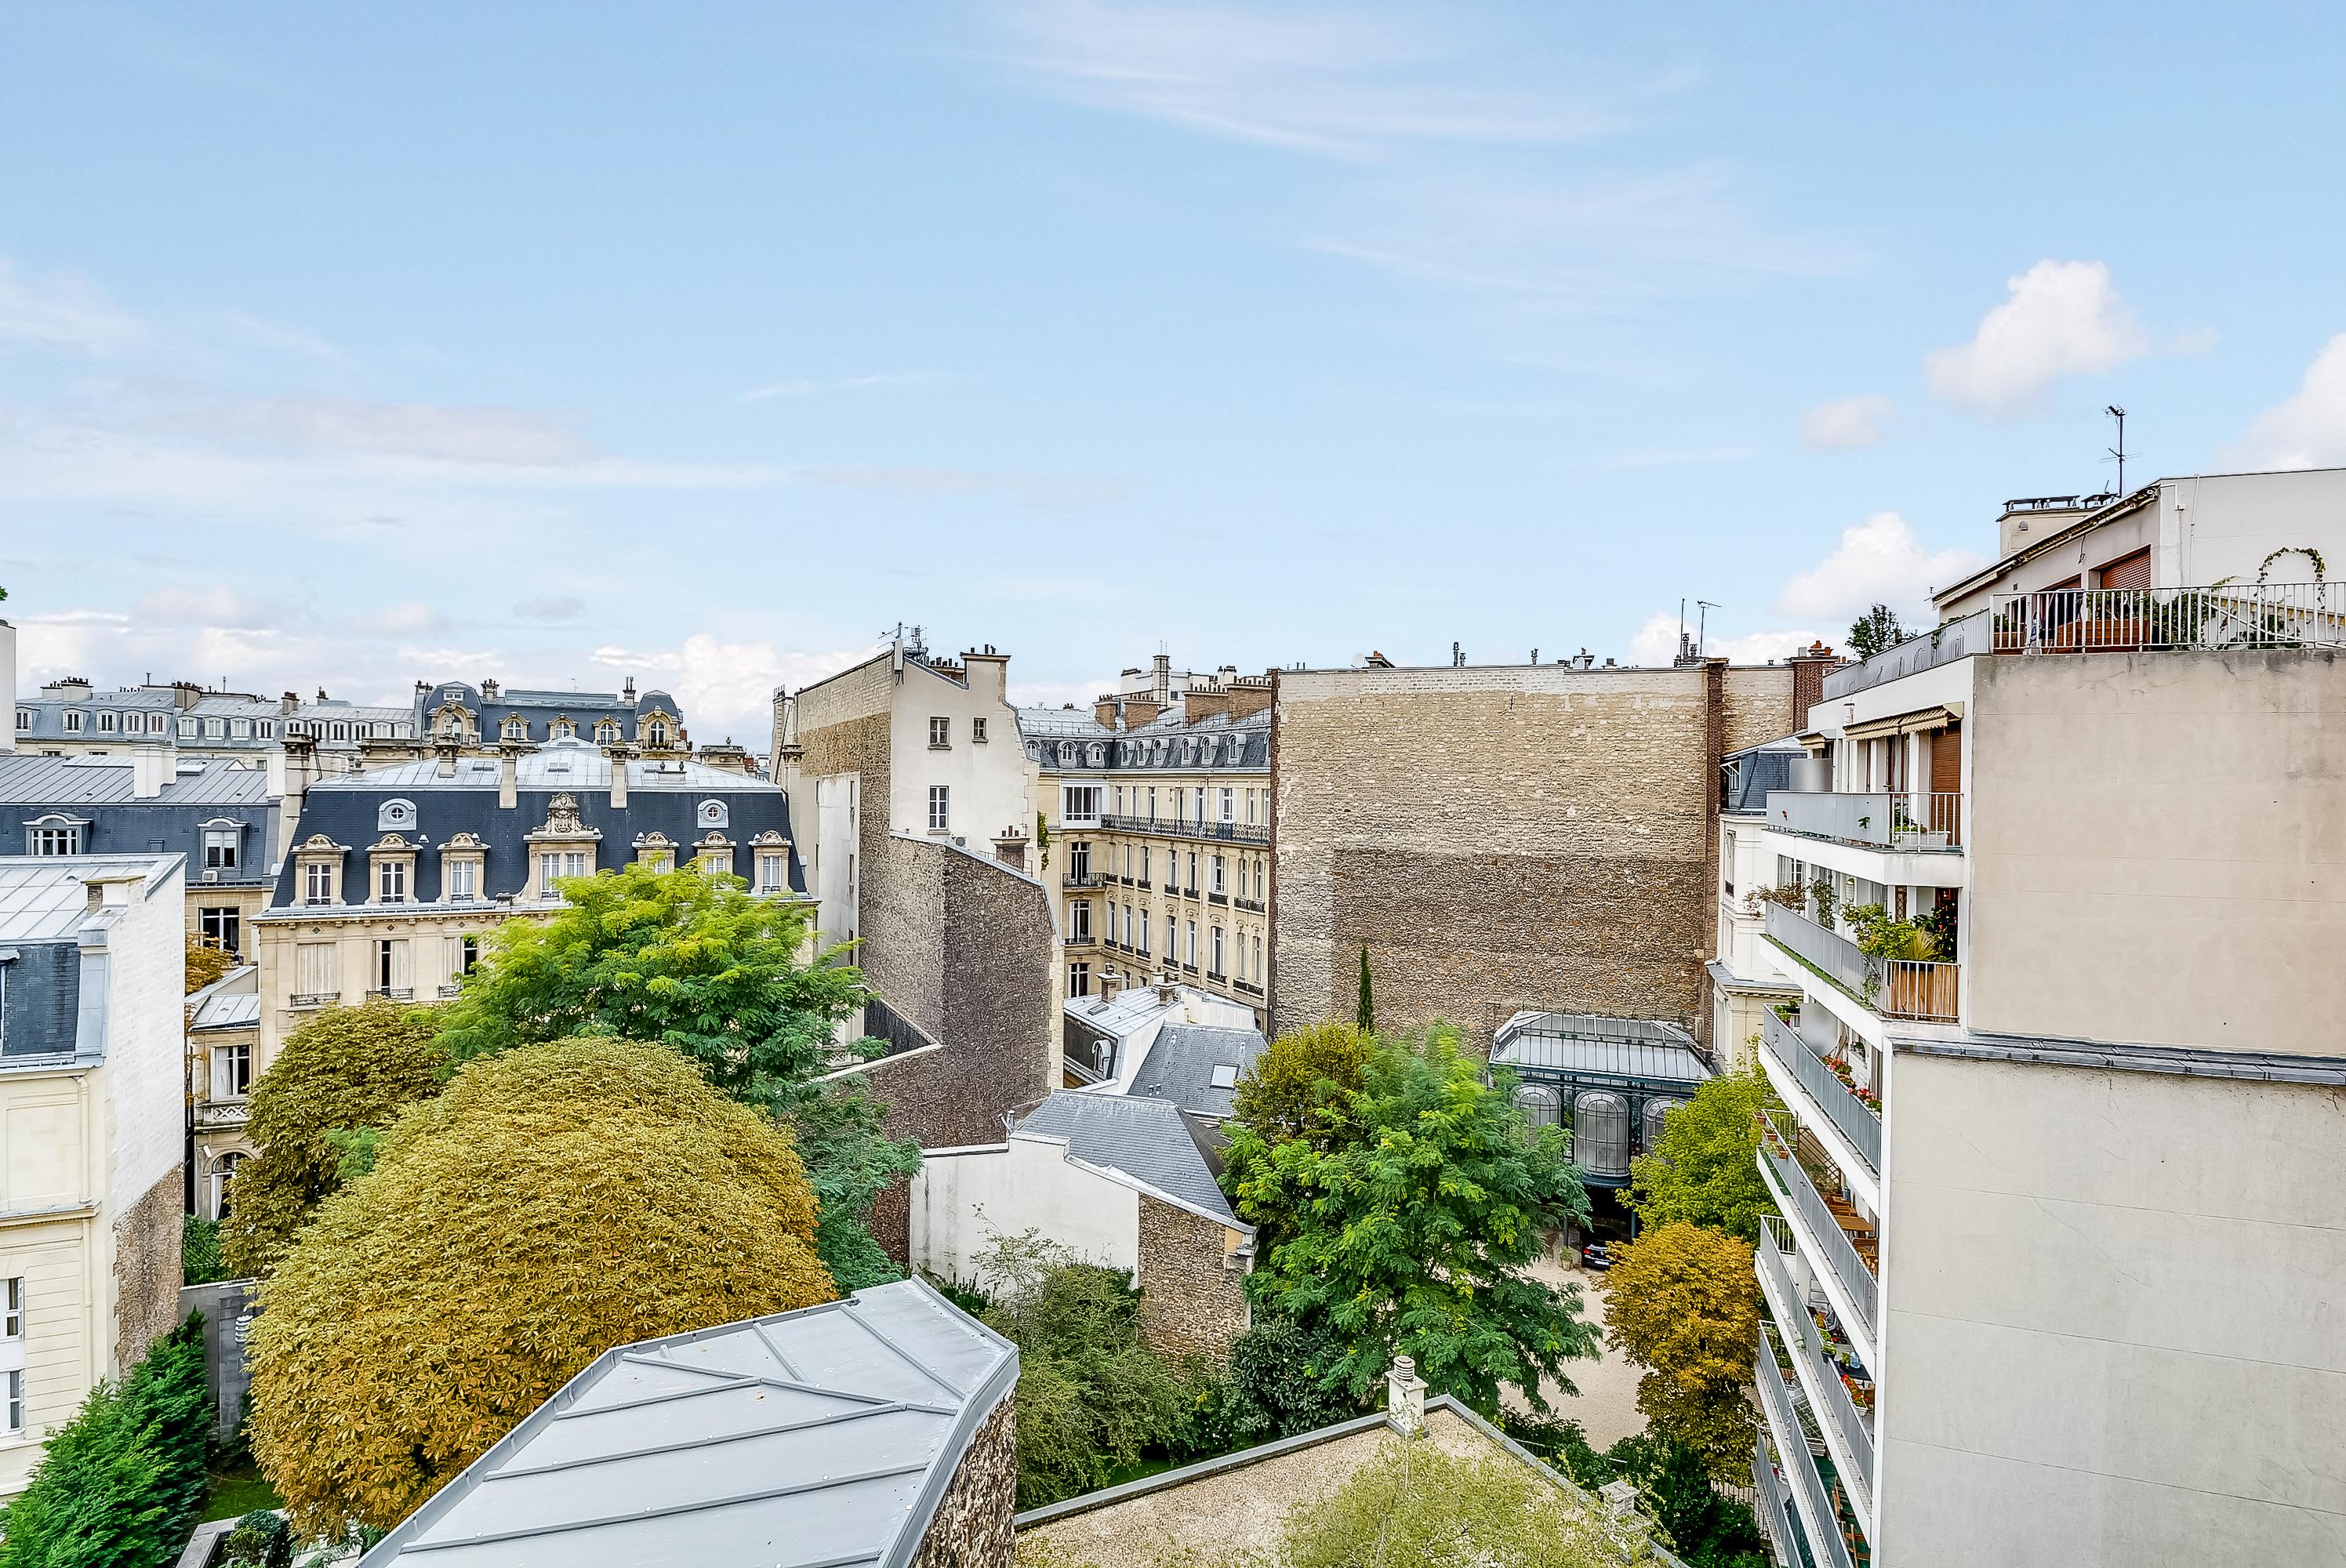 Căn hộ vì Bán tại Apartment - Foch - Victor Hugo Paris, Paris 75116 Pháp